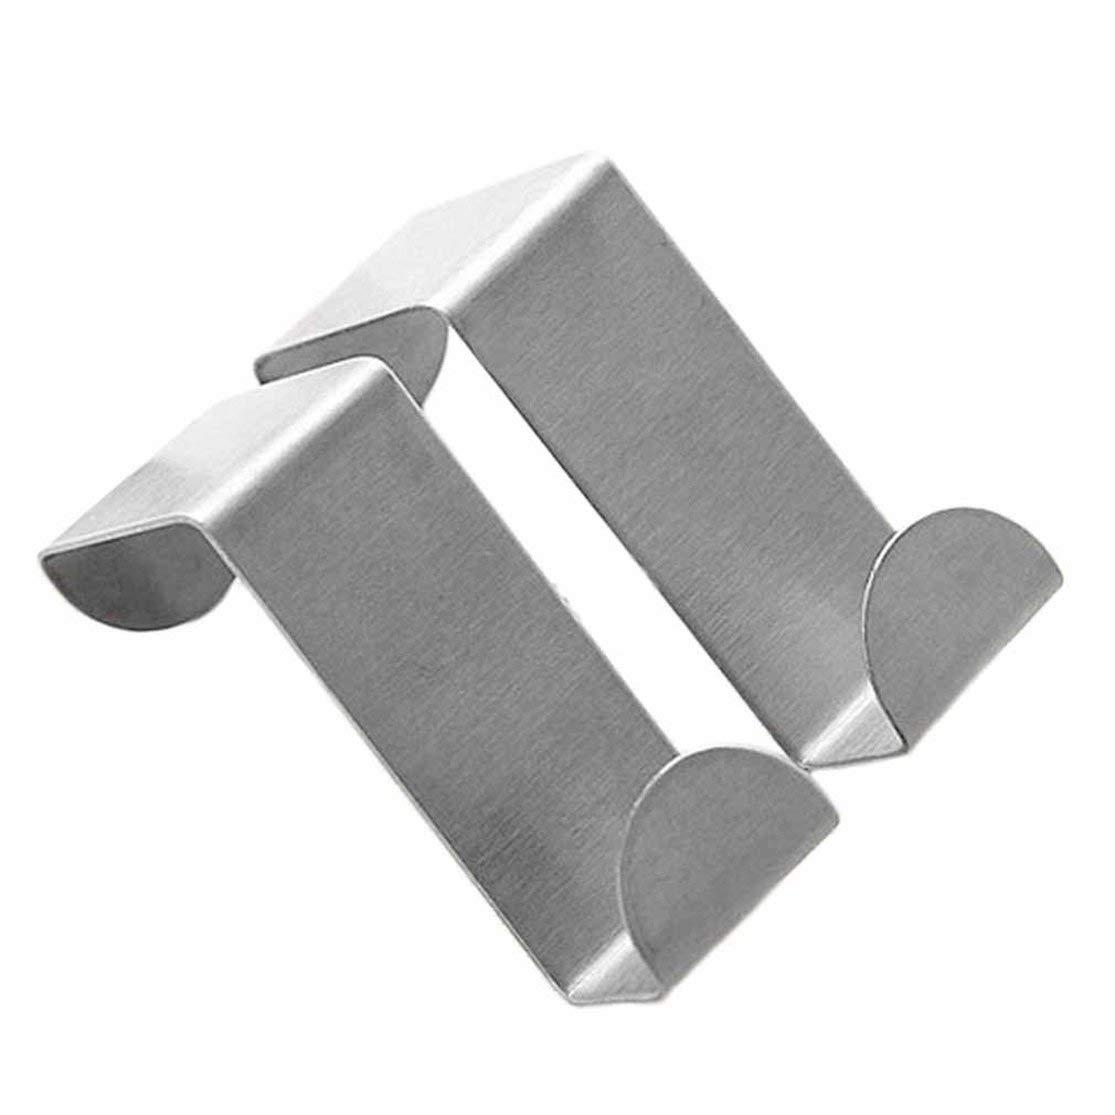 LouiseEvel215 Ganci Porta in Acciaio Inox Appeso Armadio da Cucina Appendiabiti sulla Porta Posteriore Tipo Forte pratici Accessori per la casa